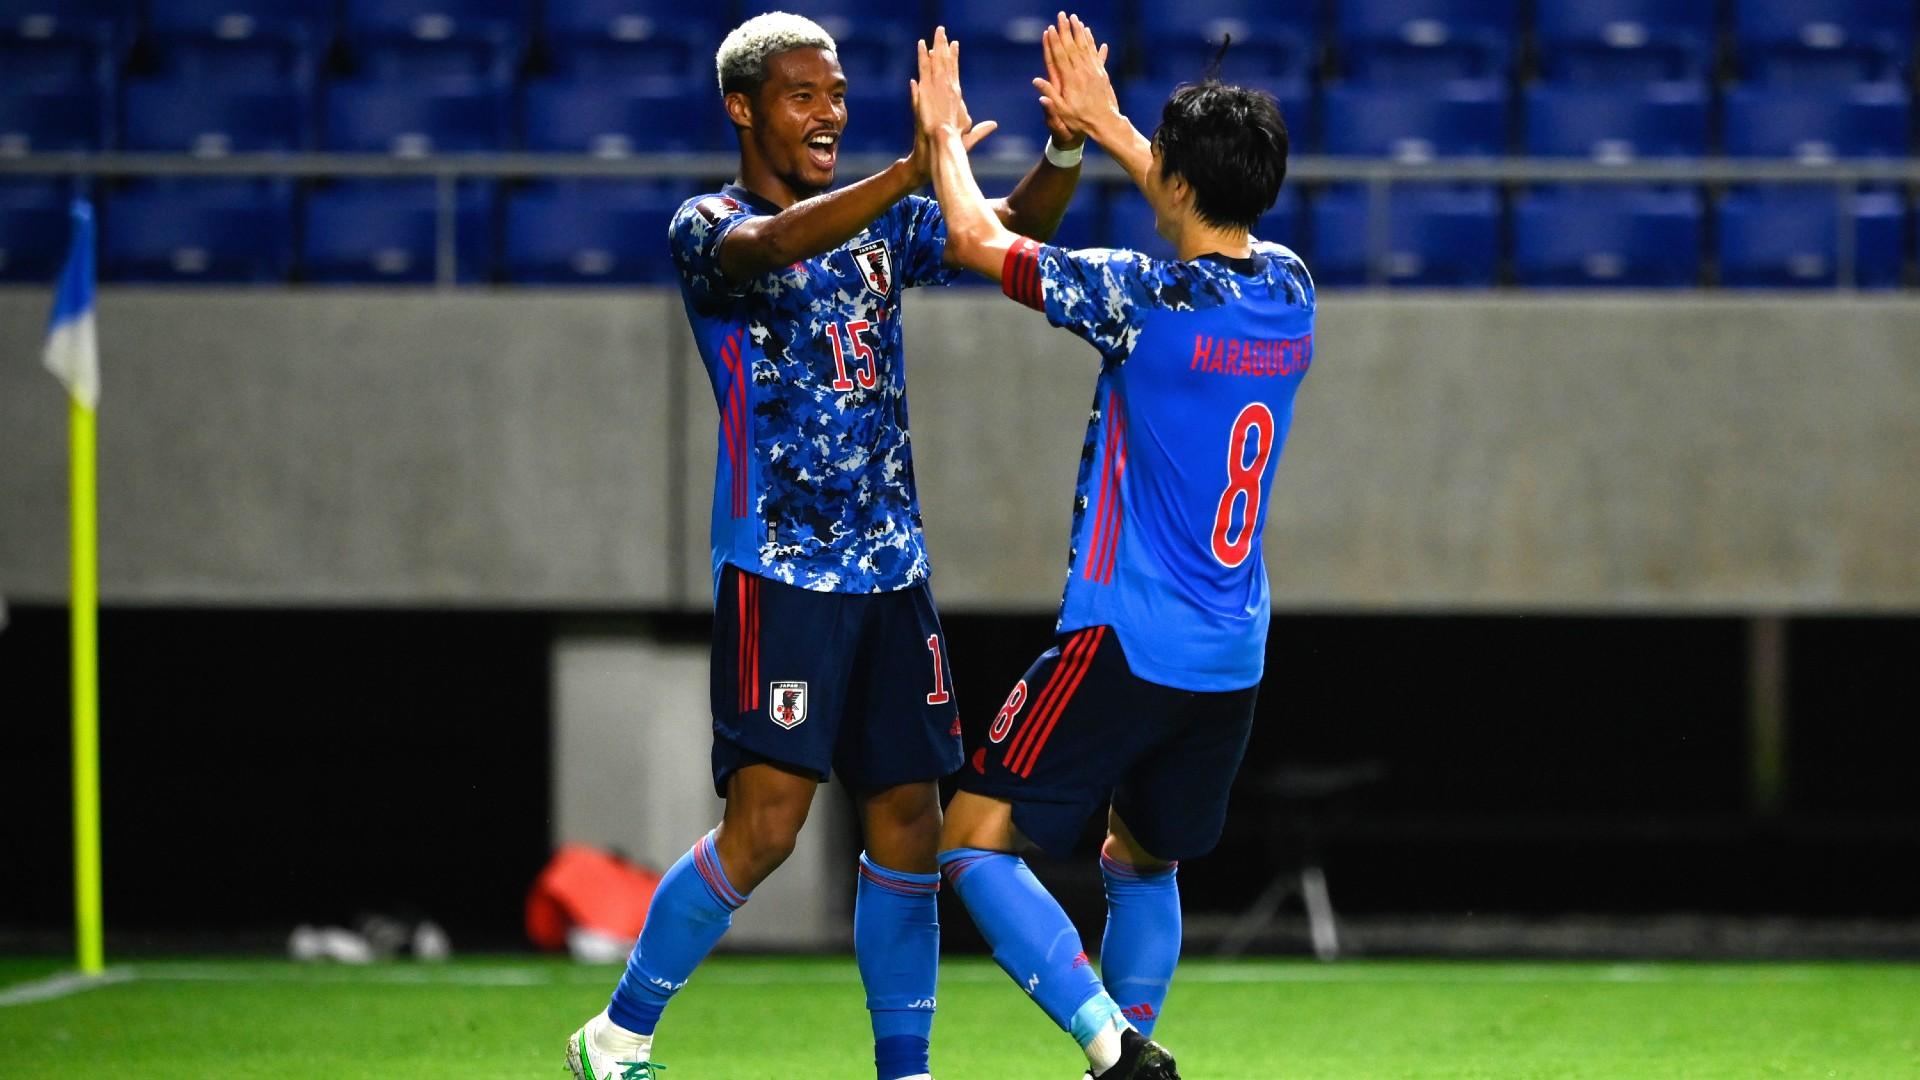 【きょうのスポーツ】オナイウ阿道が代表初ゴールからわずか6分でハット!日本がキルギスに快勝|サッカー